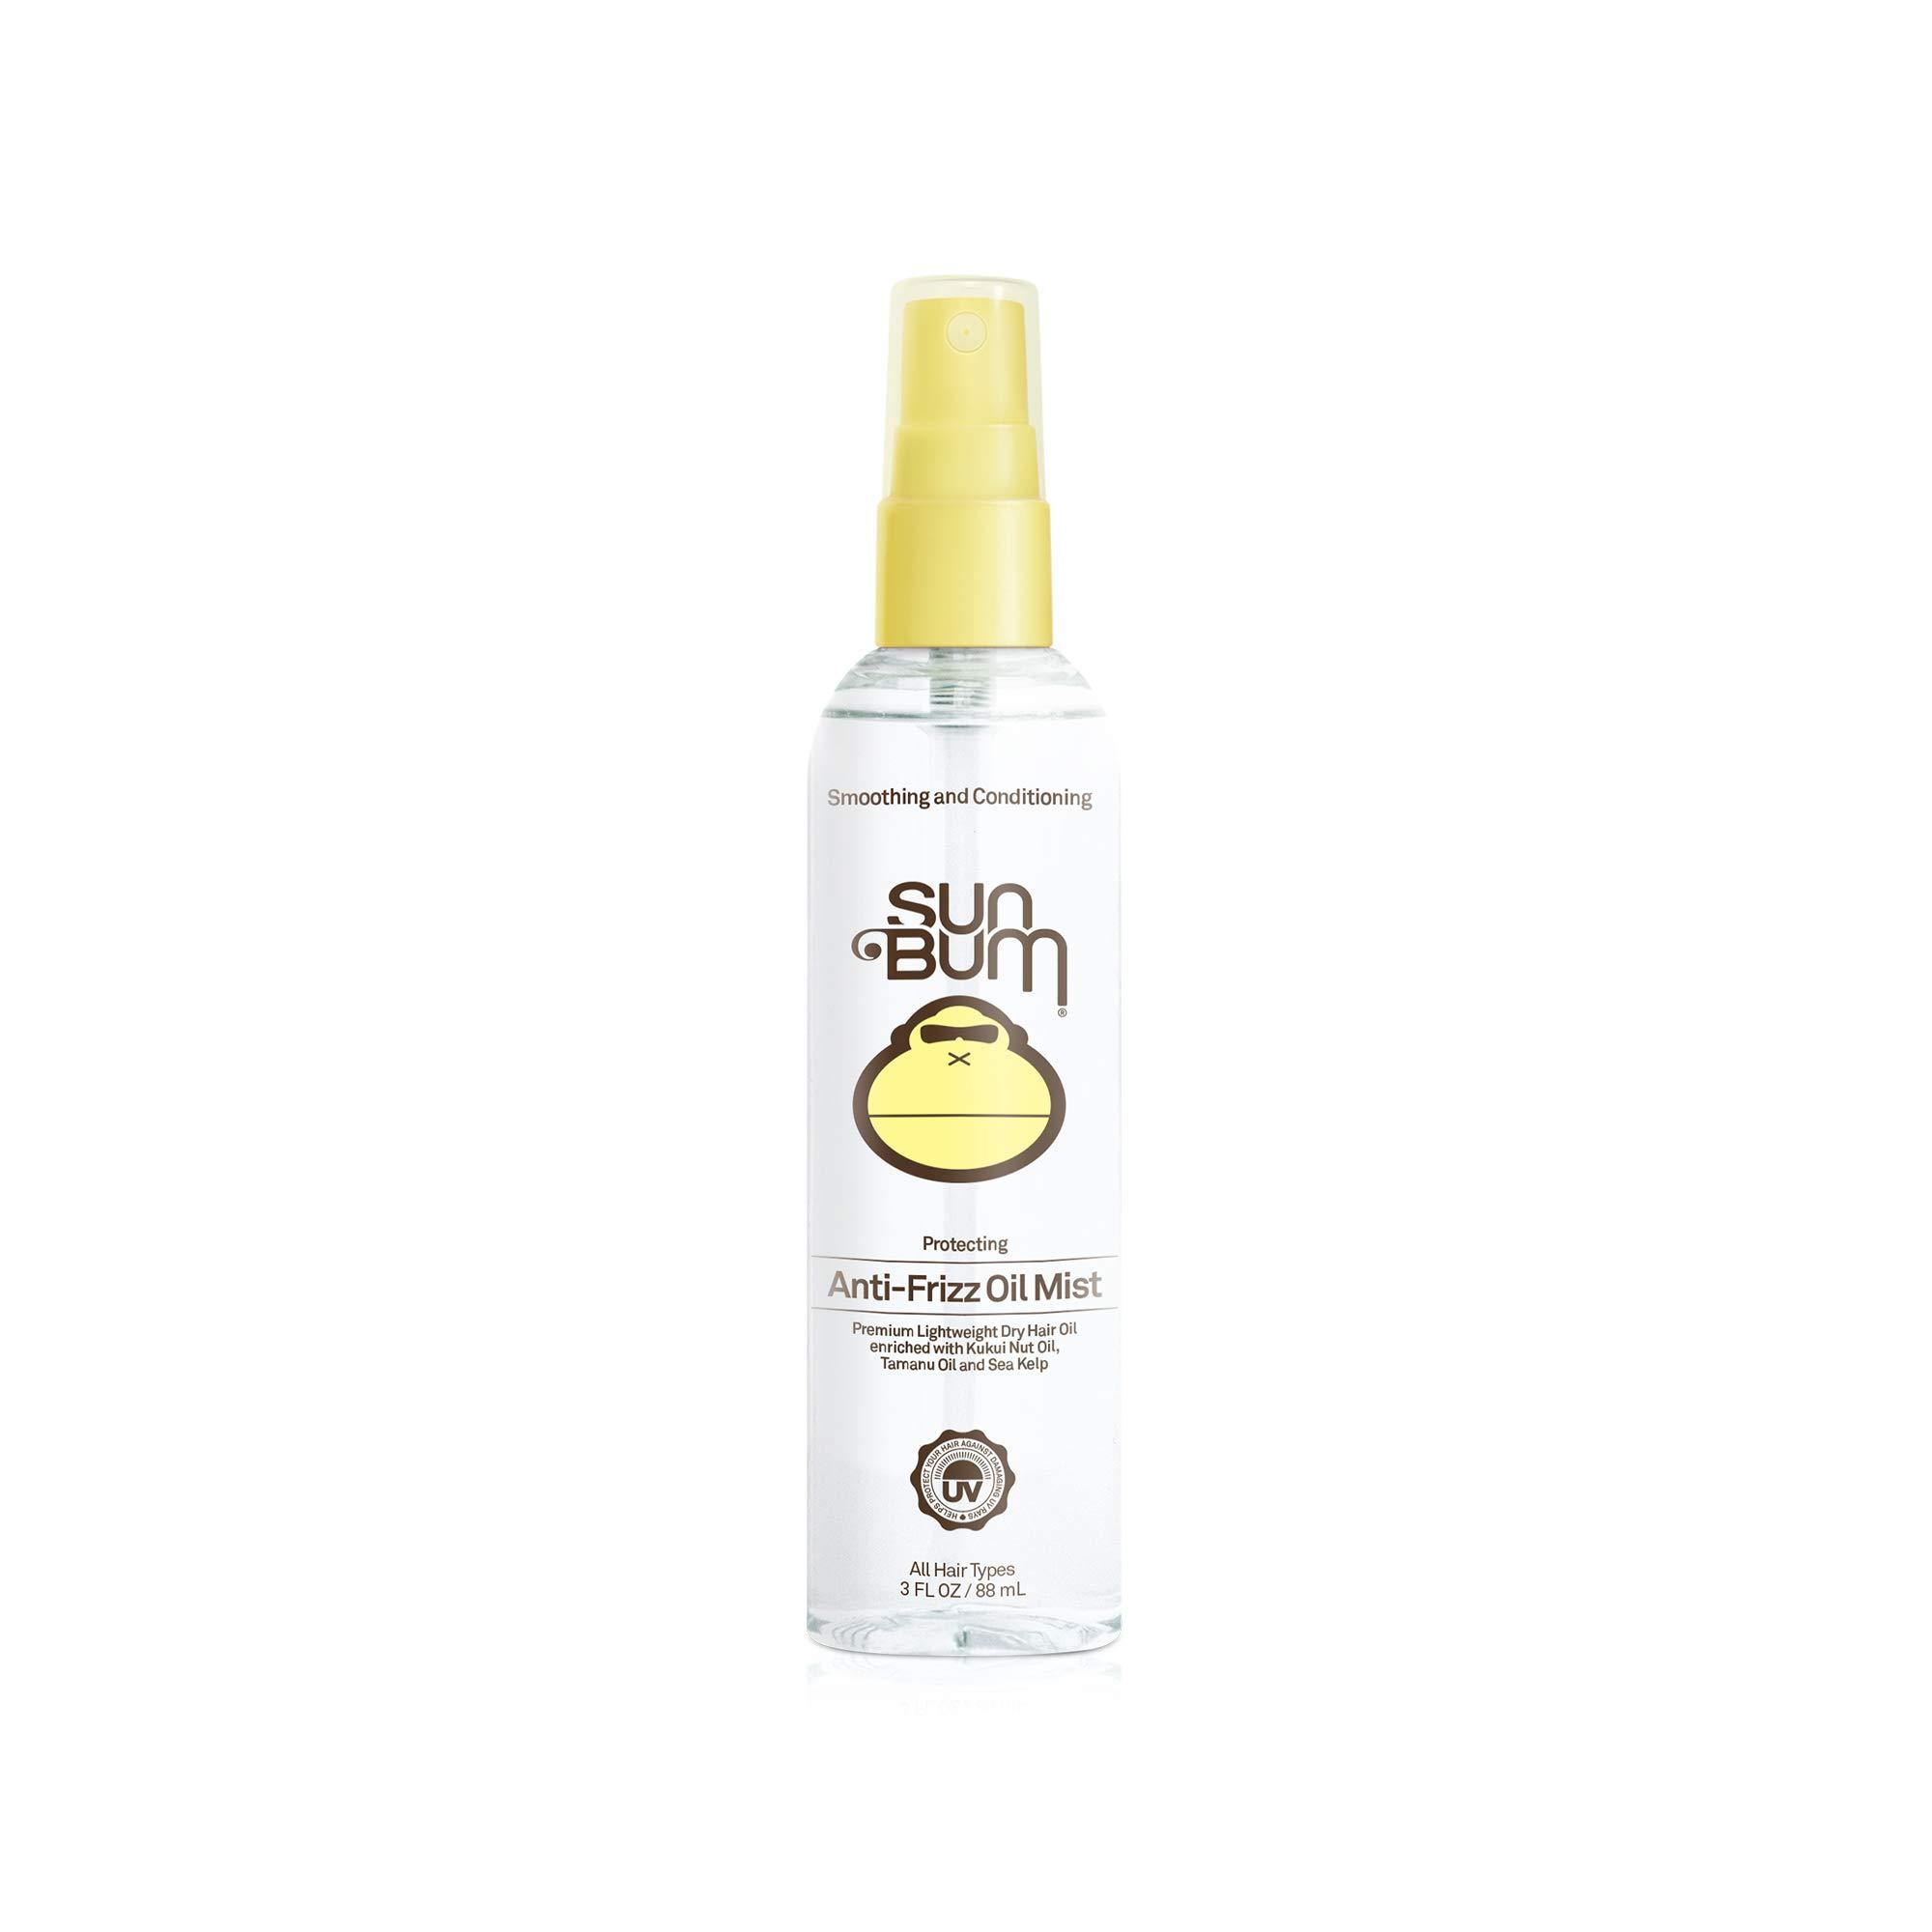 Sun Bum Anti Frizz Oil Mist Spray, Anti Frizz Hair Spray, Humidity Control, Moisturizing, Paraben Free, 3 FL OZ Spray Bottle, 1 Count